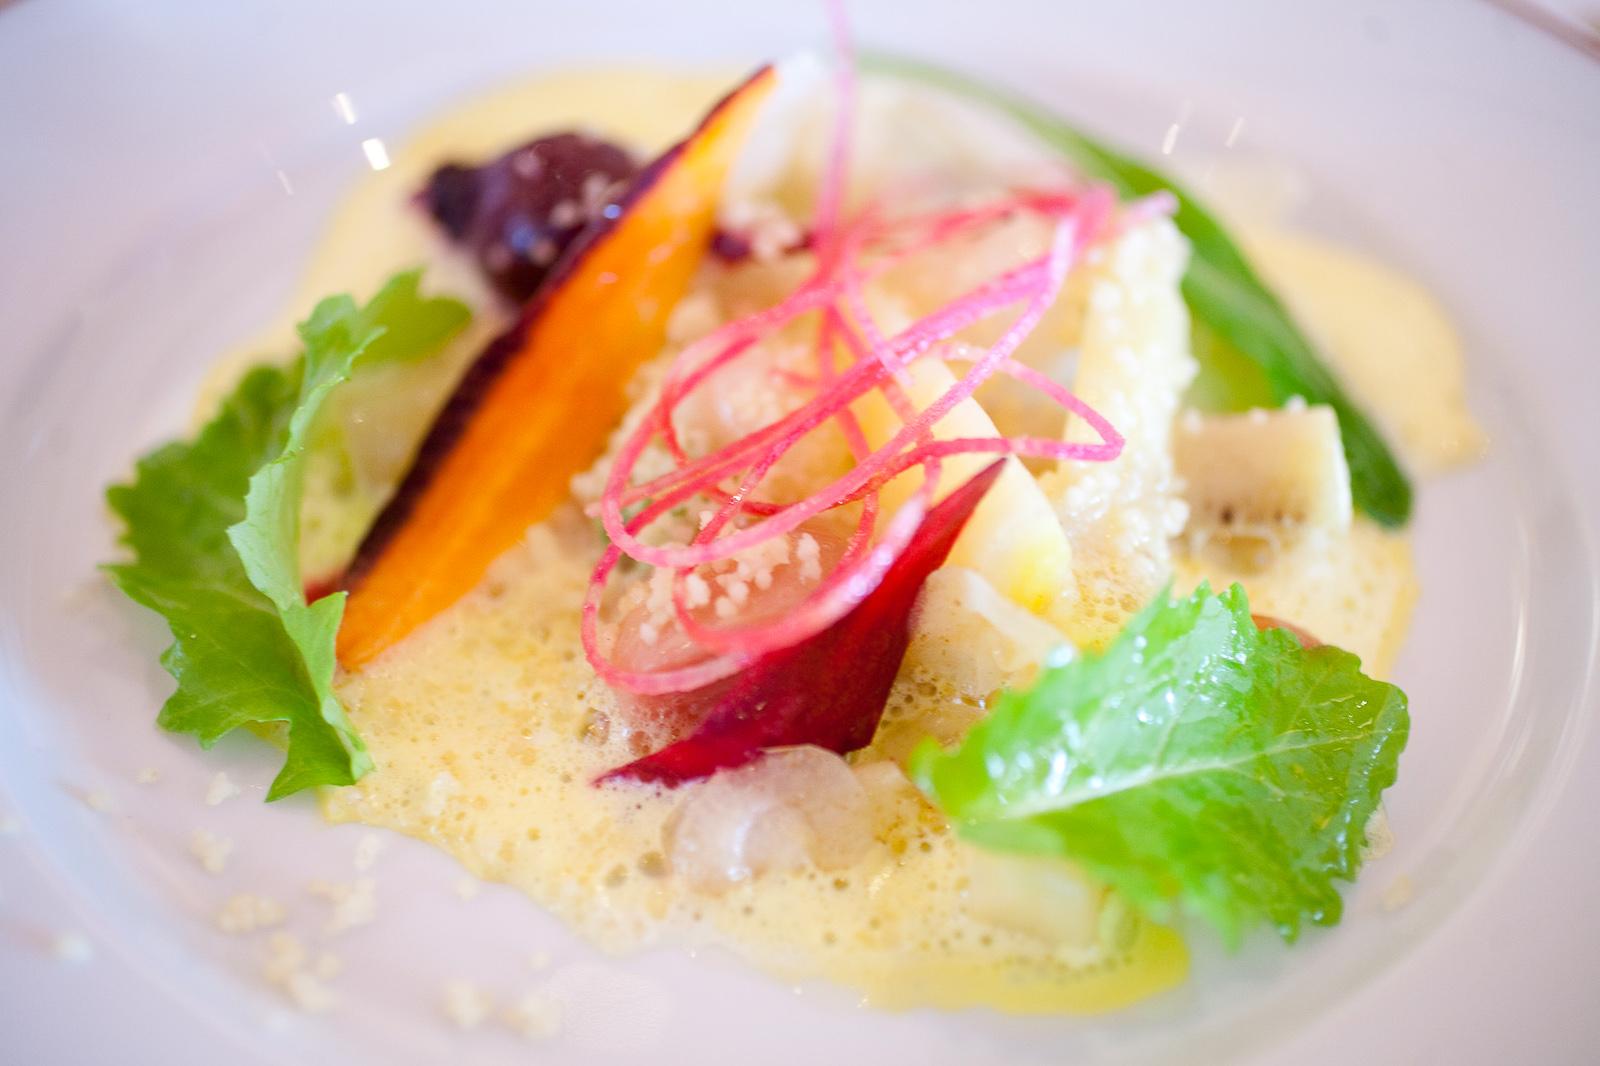 Arlequin potager à l'huile d'argan, radis long noir, carotte purple haze, navet atlantic, salsifis, betterave forono